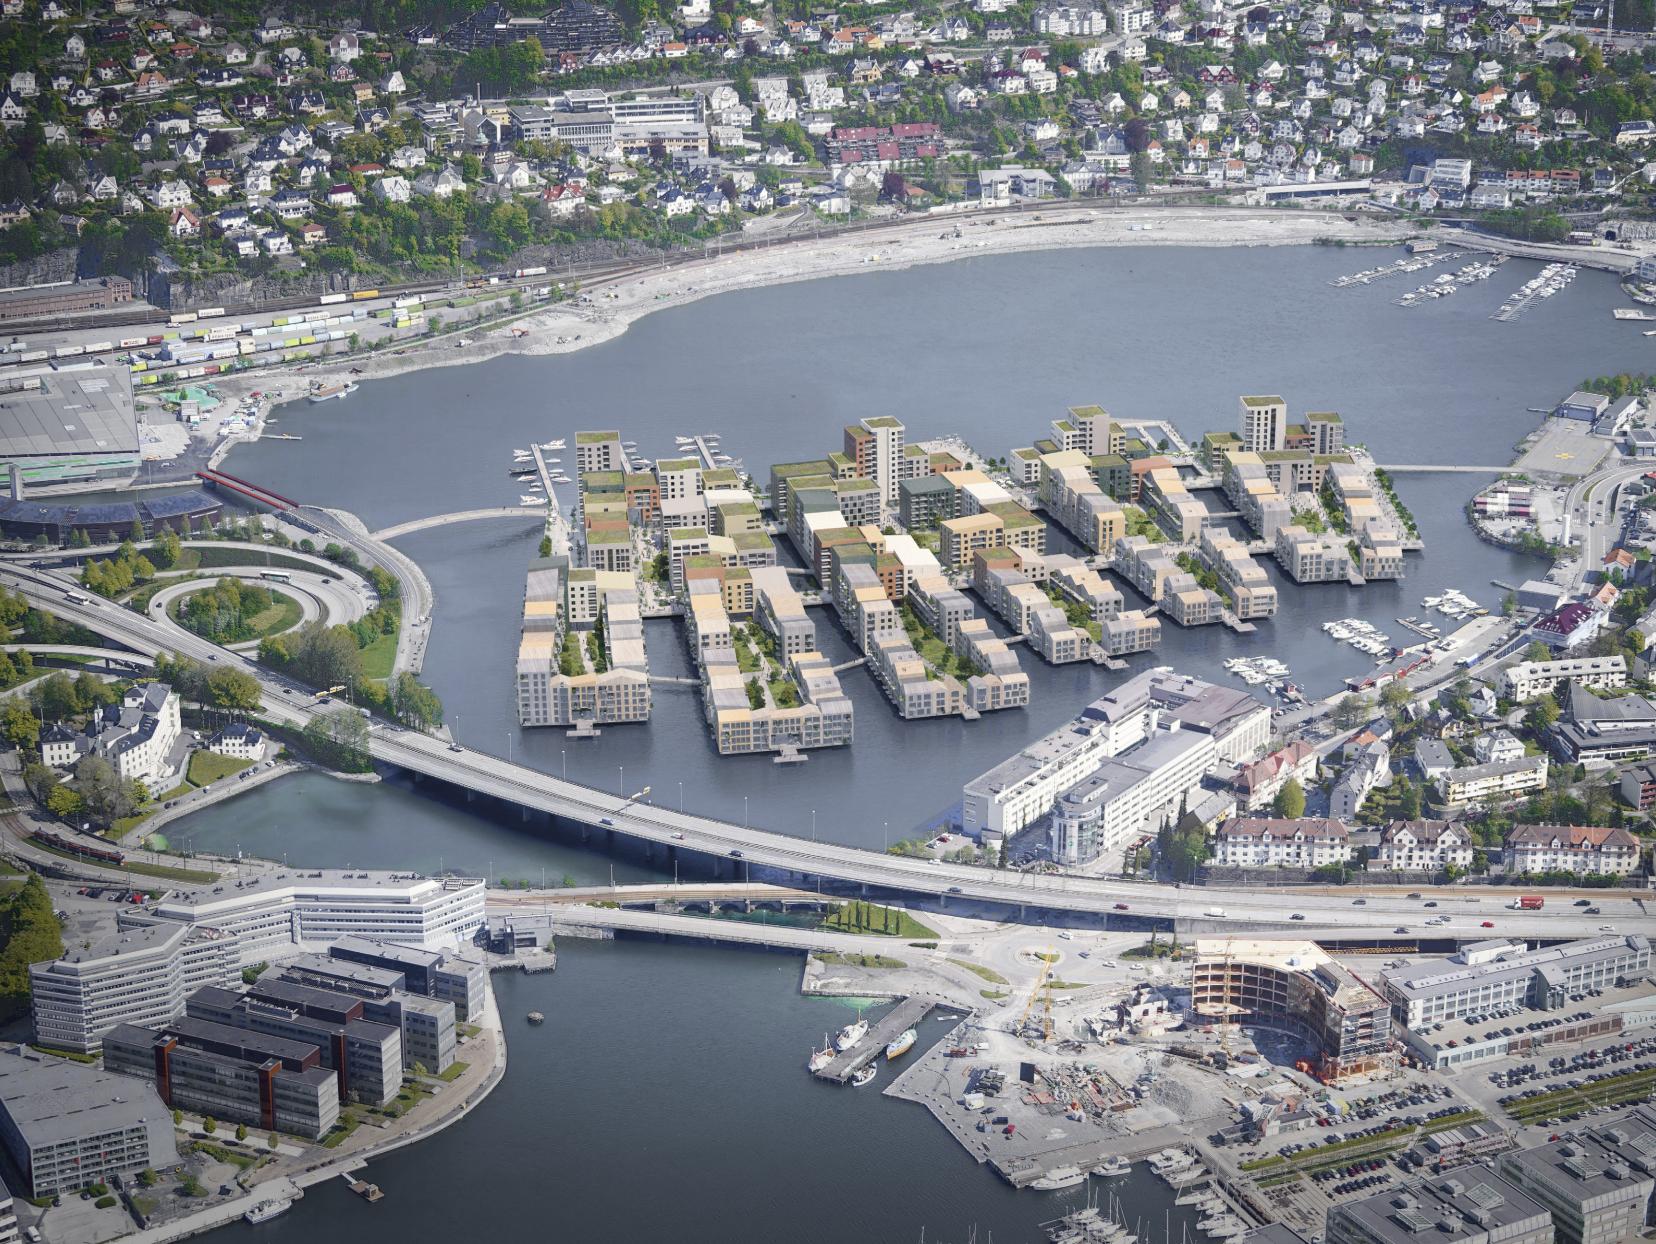 «TRENEZIA»: Med navnet «Trenezia» lanserer BOB planer for en nullutslippsbydel med 1500 boliger, laget av tre, i Store Lungegårdsvannet.